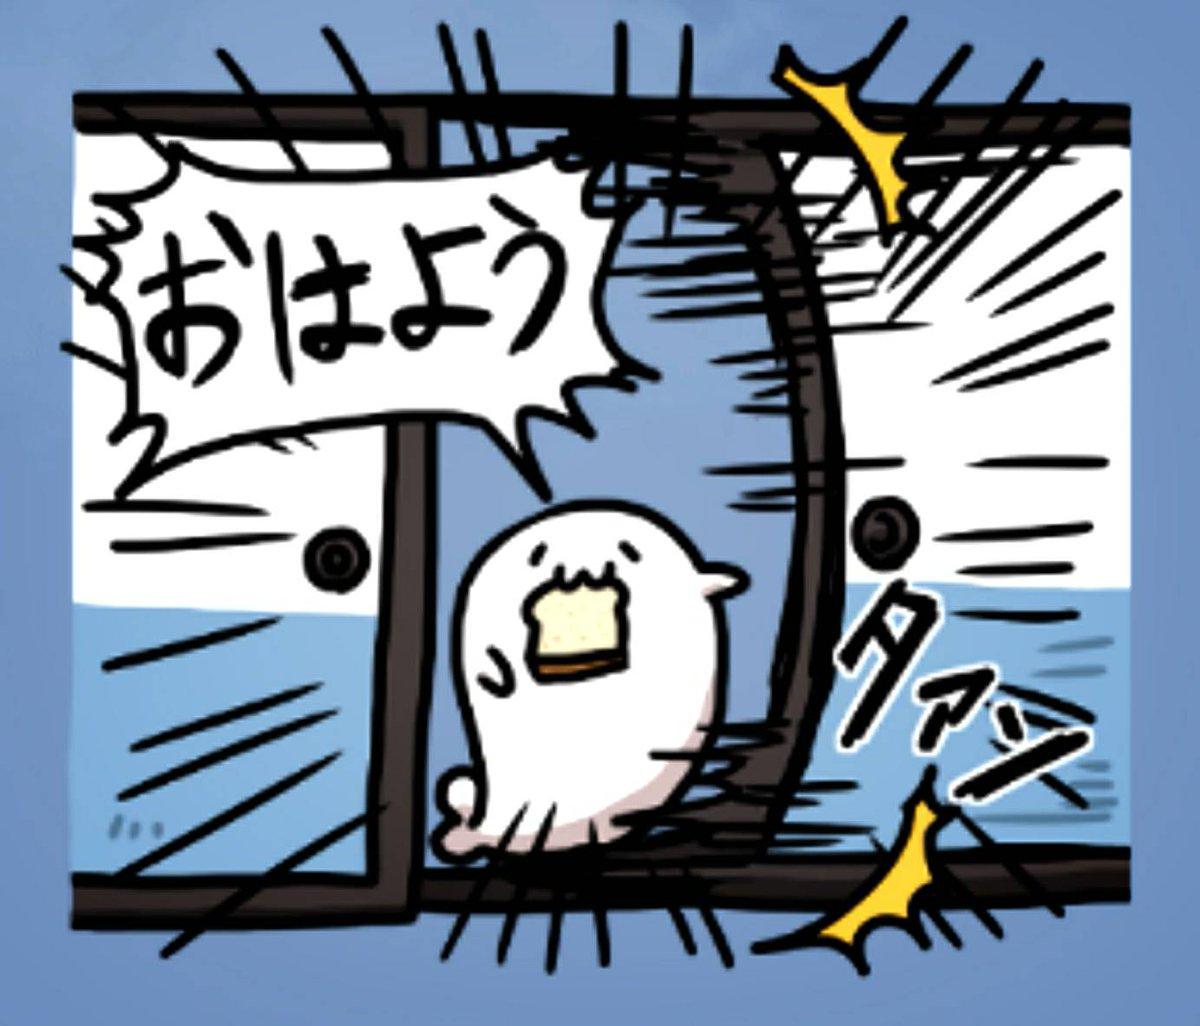 おはようございます(・ω・)ノシ今日は、大学に電話するのと課題やって…映画観に行くのと、モンストの超究極をクリアするという予定がある!\(˙꒳˙ )/白猫のグランドプロジェクト攻略は、カラカラをやればいいだけになりました😘のんびり攻略していきます(* 'ω')ノ